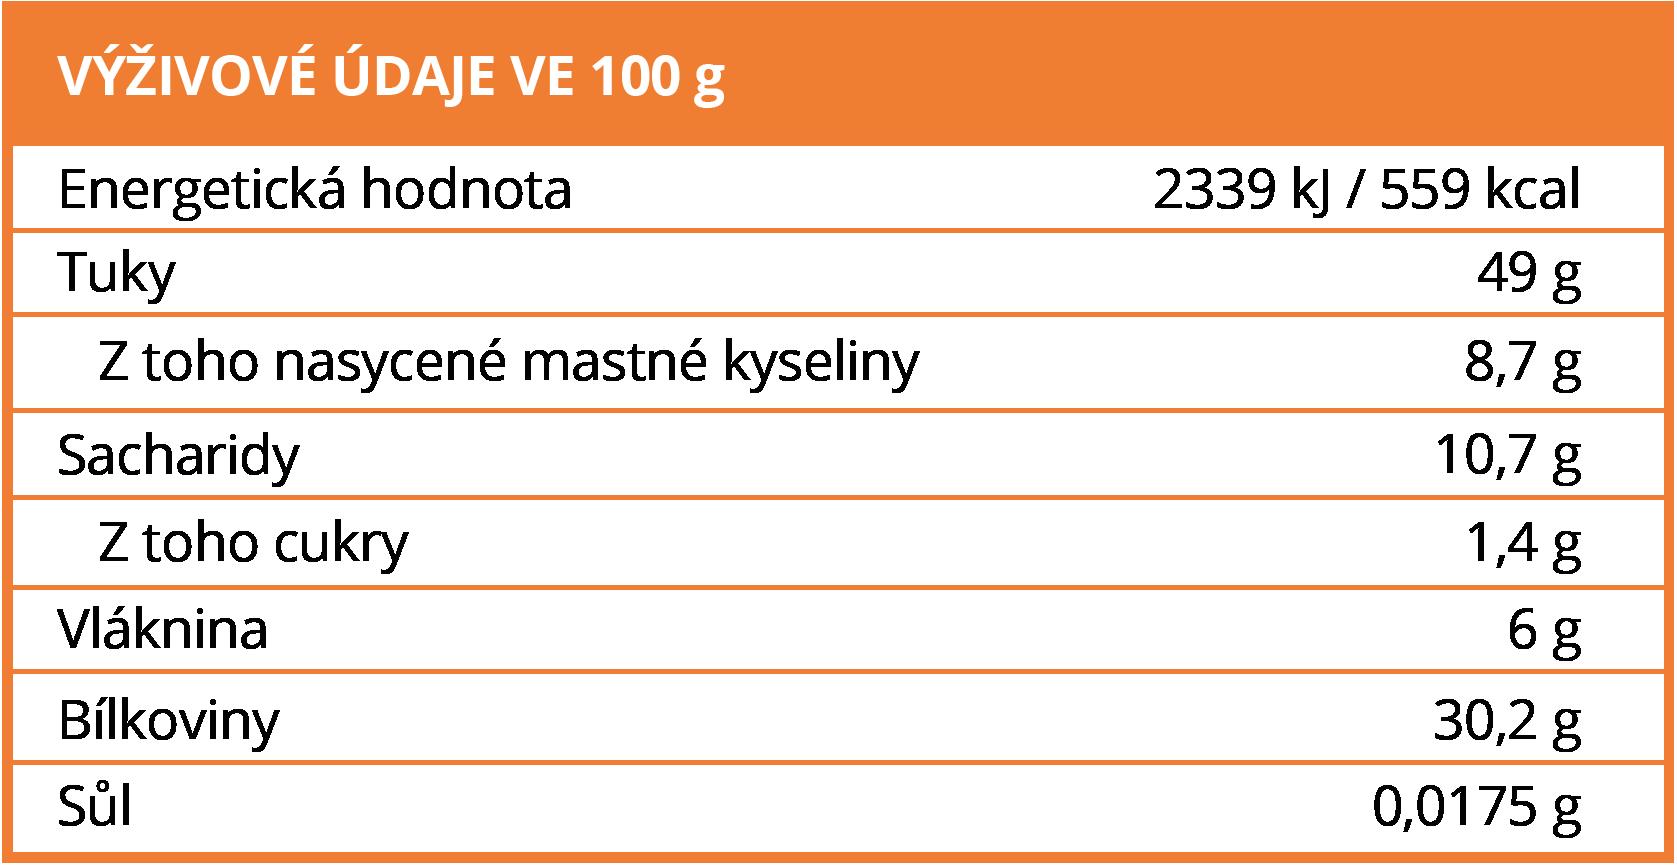 Výživové hodnoty BrainMax Pure Dýňová semínka - BrainMarket.cz